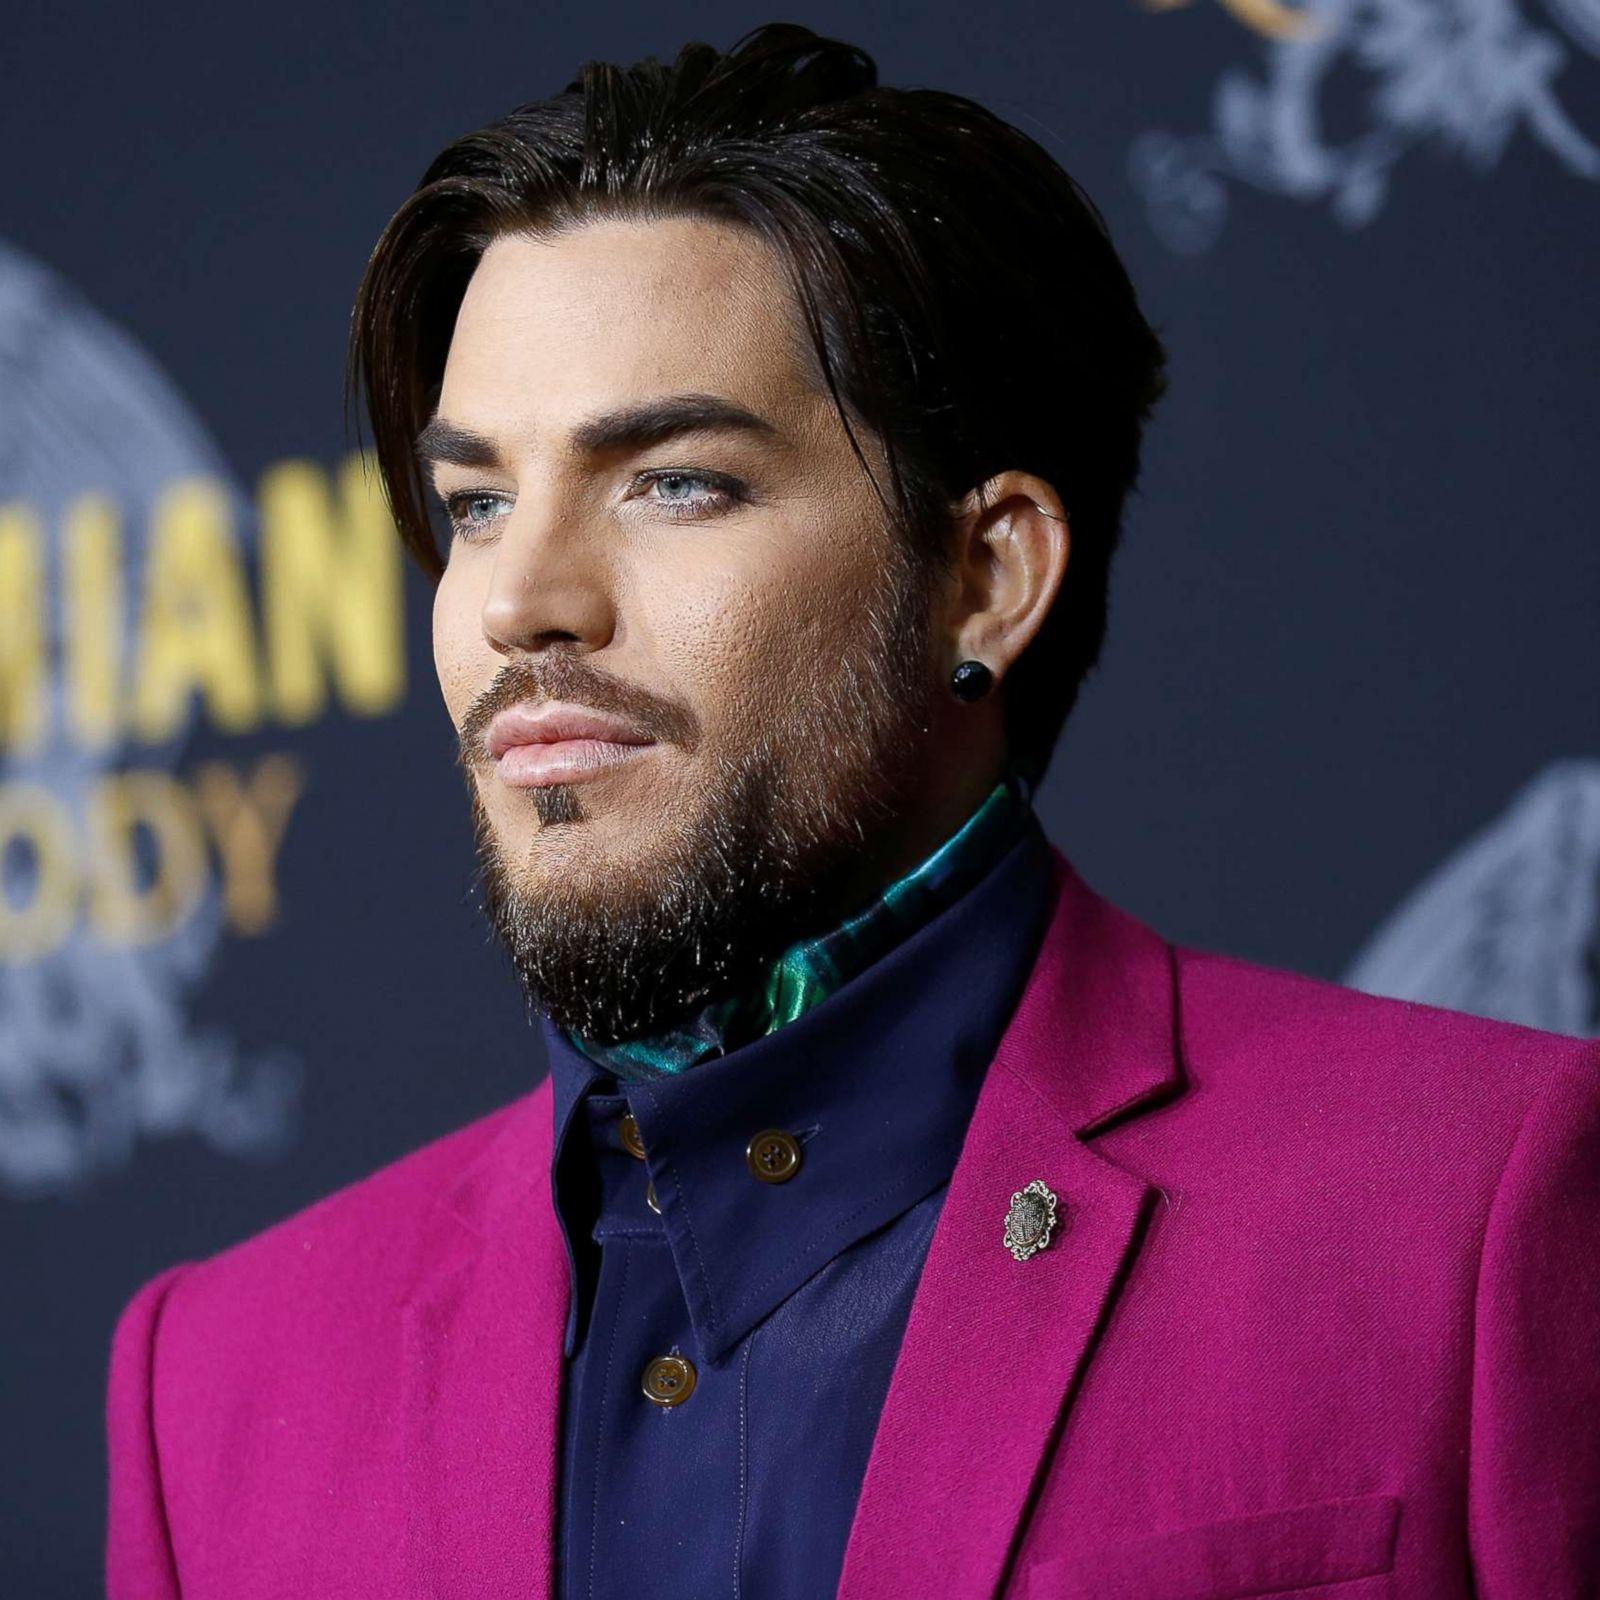 Oscars 2019 Performer Adam Lambert Opens Up About Mental Health